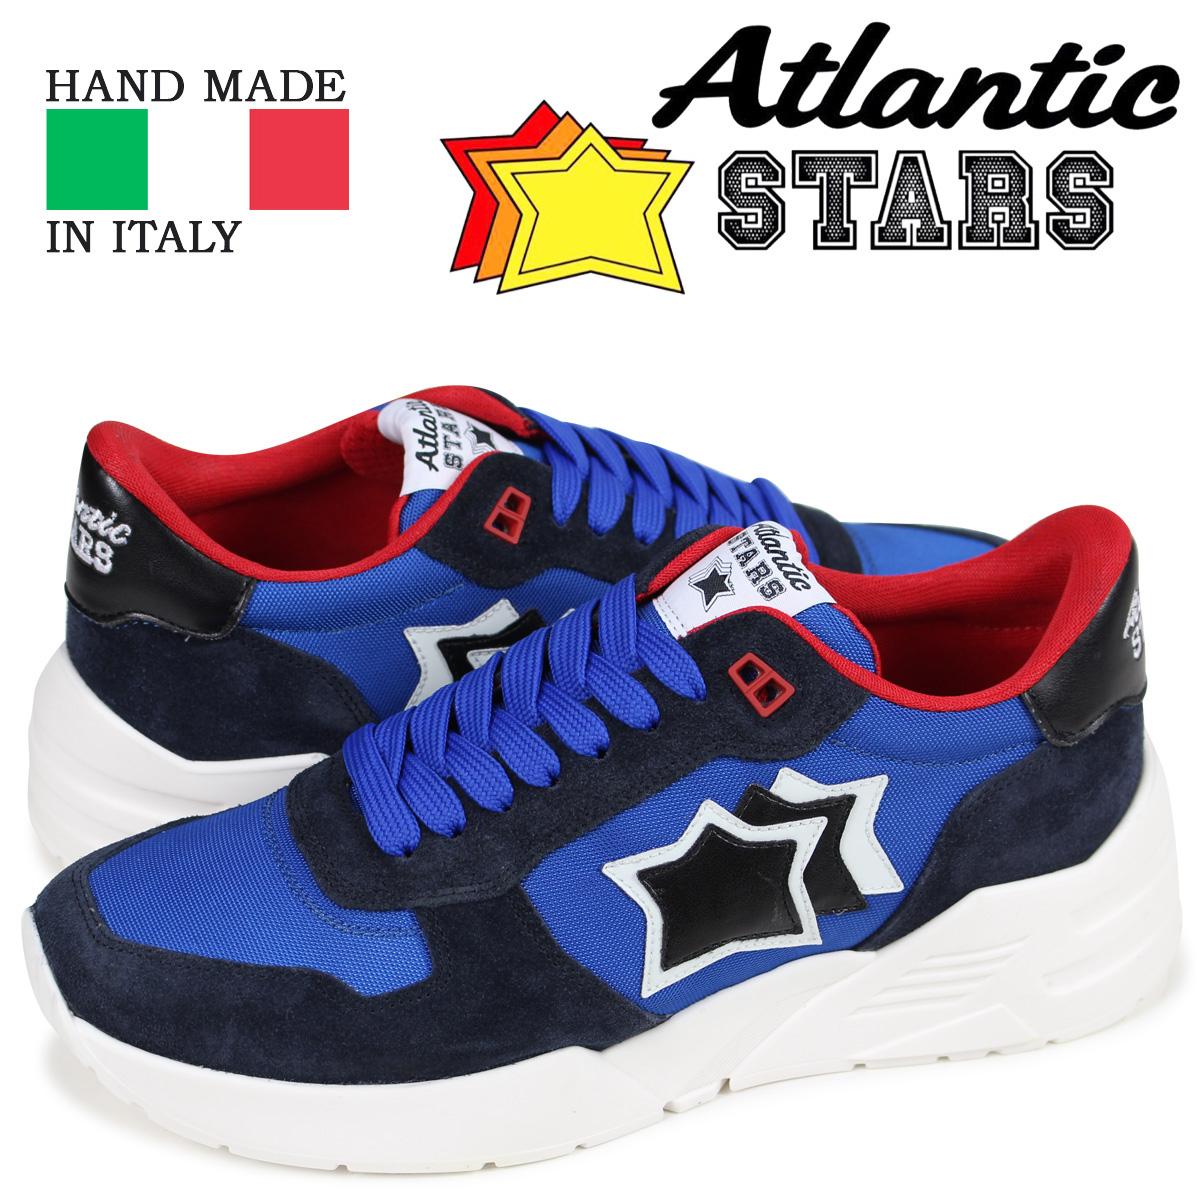 アトランティックスターズ メンズ スニーカー Atlantic STARS マーズ MARS AN-SN12 ブルー